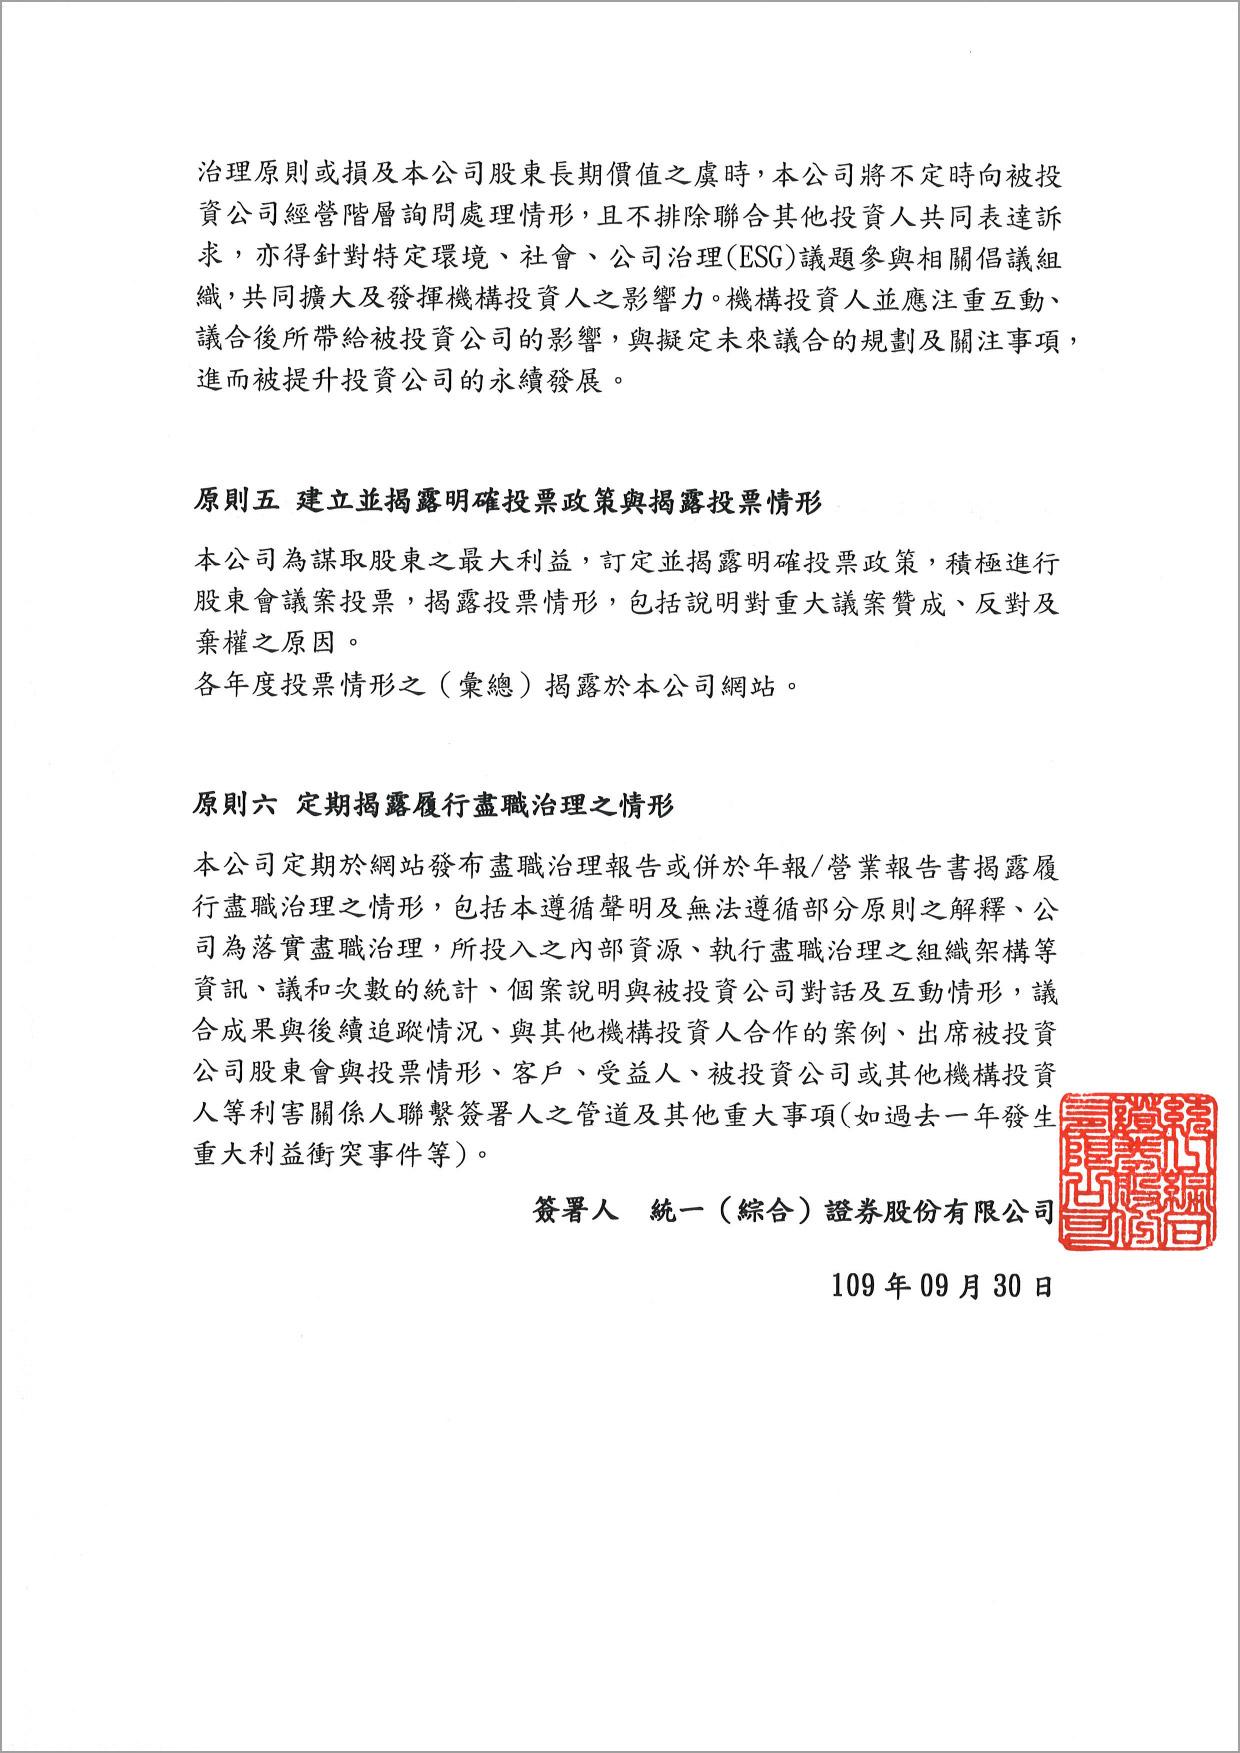 機構投資人盡職治理守則遵循聲明(新版)-2